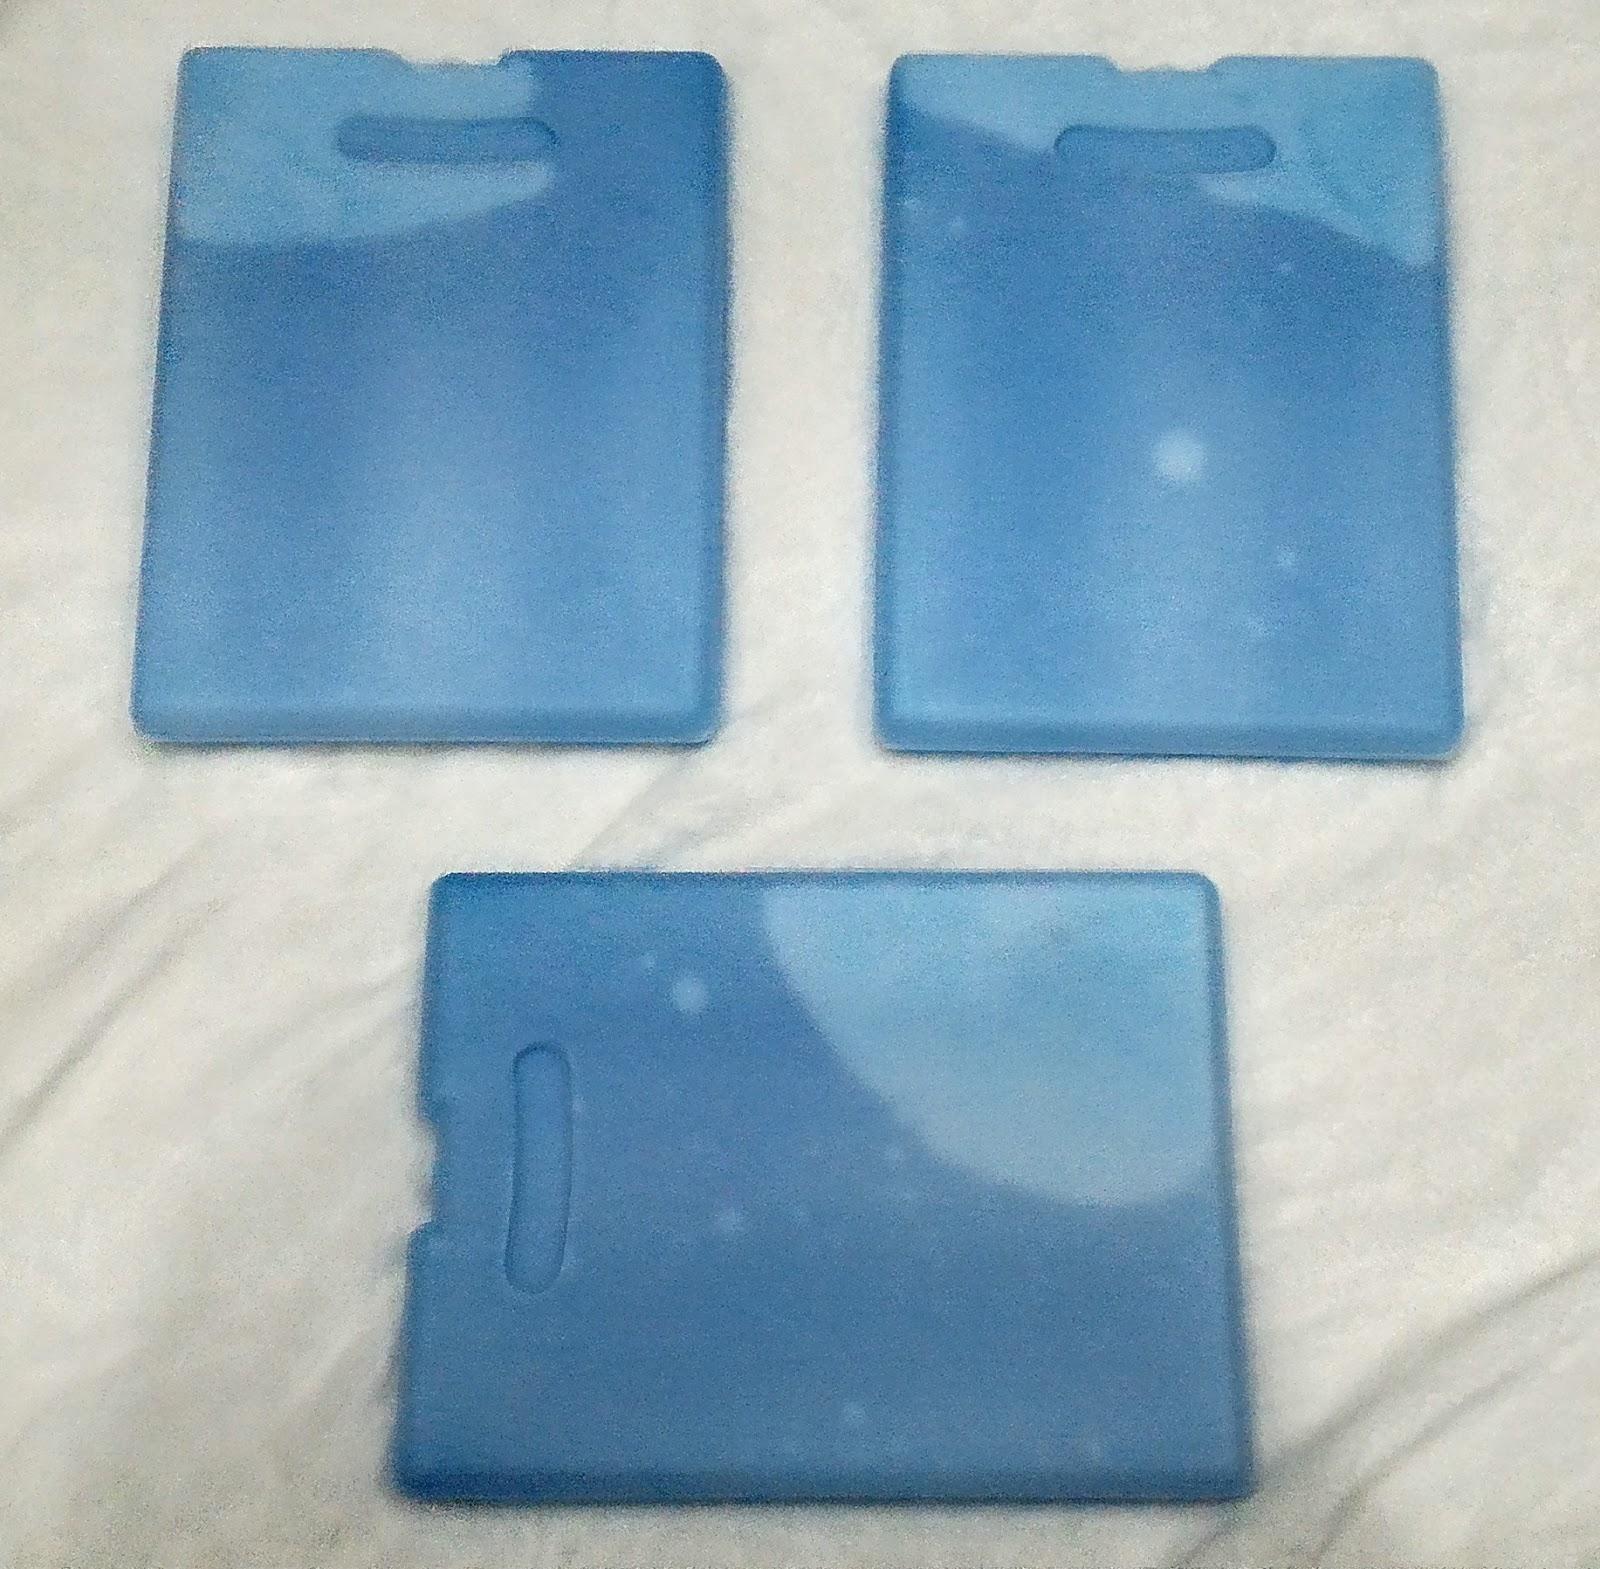 Harga Ice Gel Dan Pack Spec Daftar Terbaru Indonesia Kotak Sedang Icepack Medium Blue Pengganti Dry Segi Empat Besar